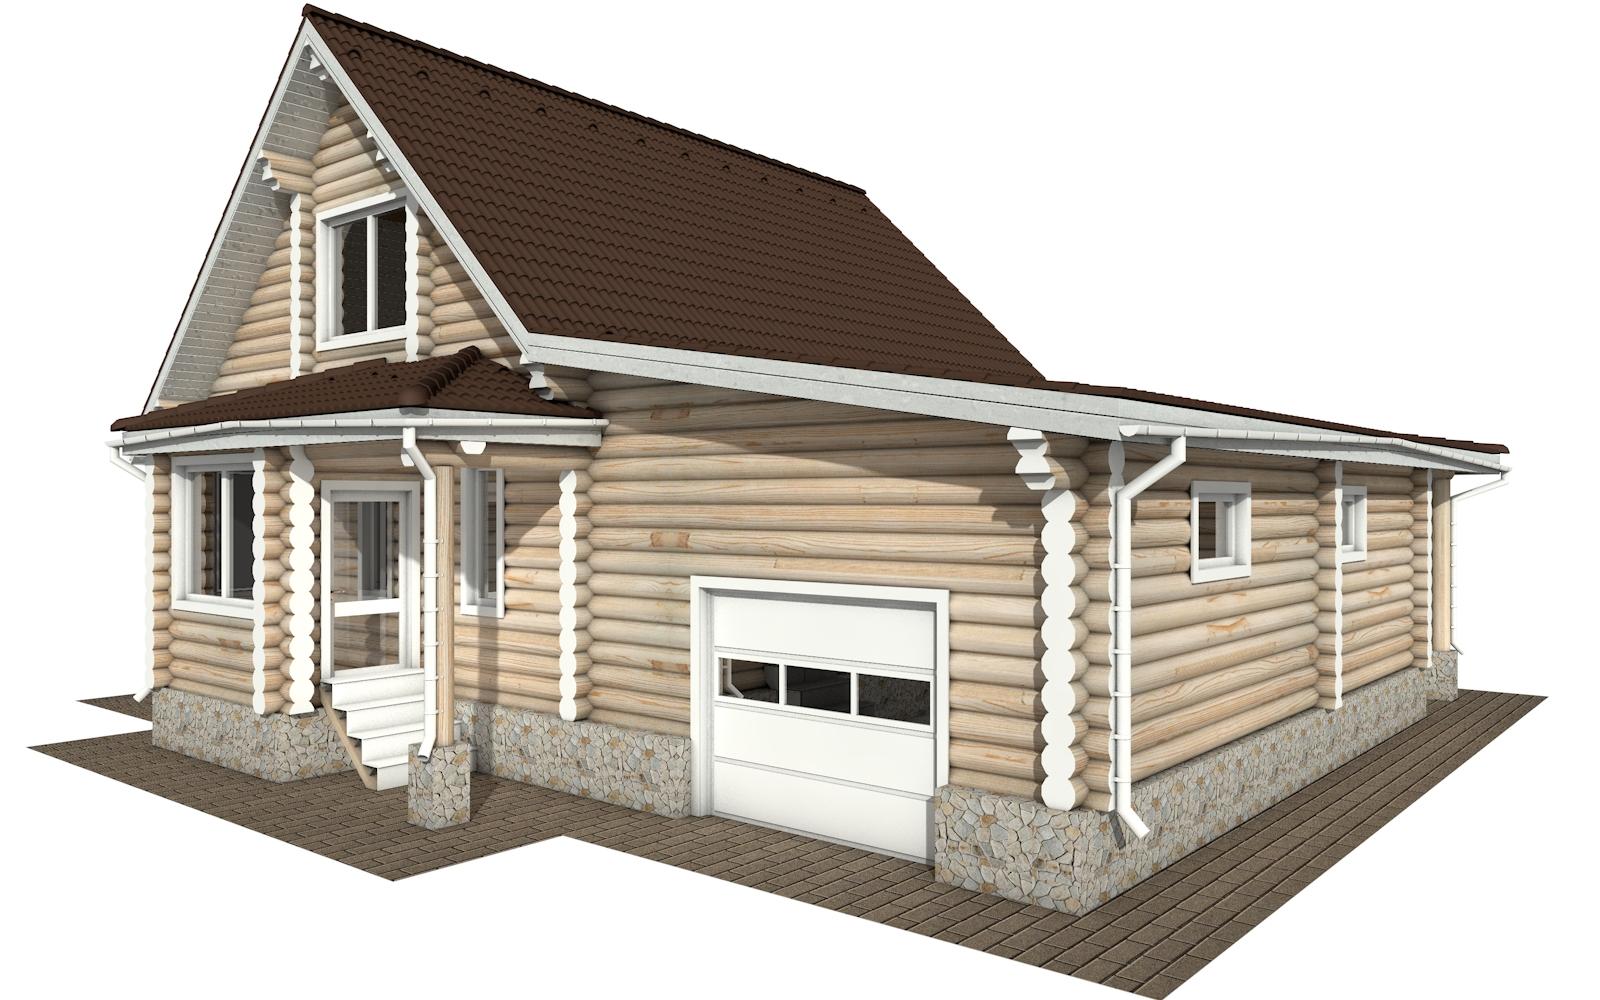 РС-151 - деревянный дома из бревна (из сруба)